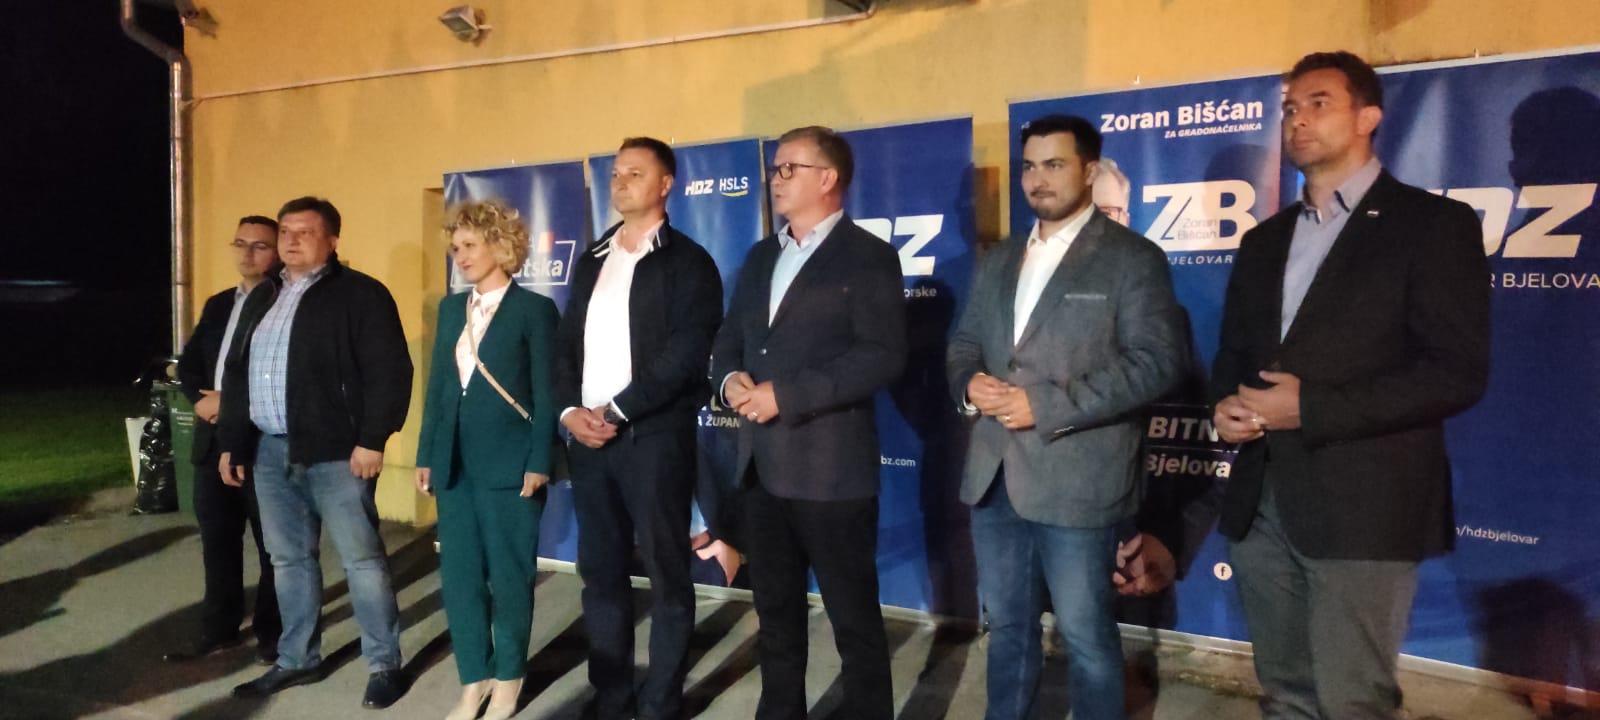 Marušić: Sjajan rezultat u prvom krugu signal je da narod očekuje i traži promjenu